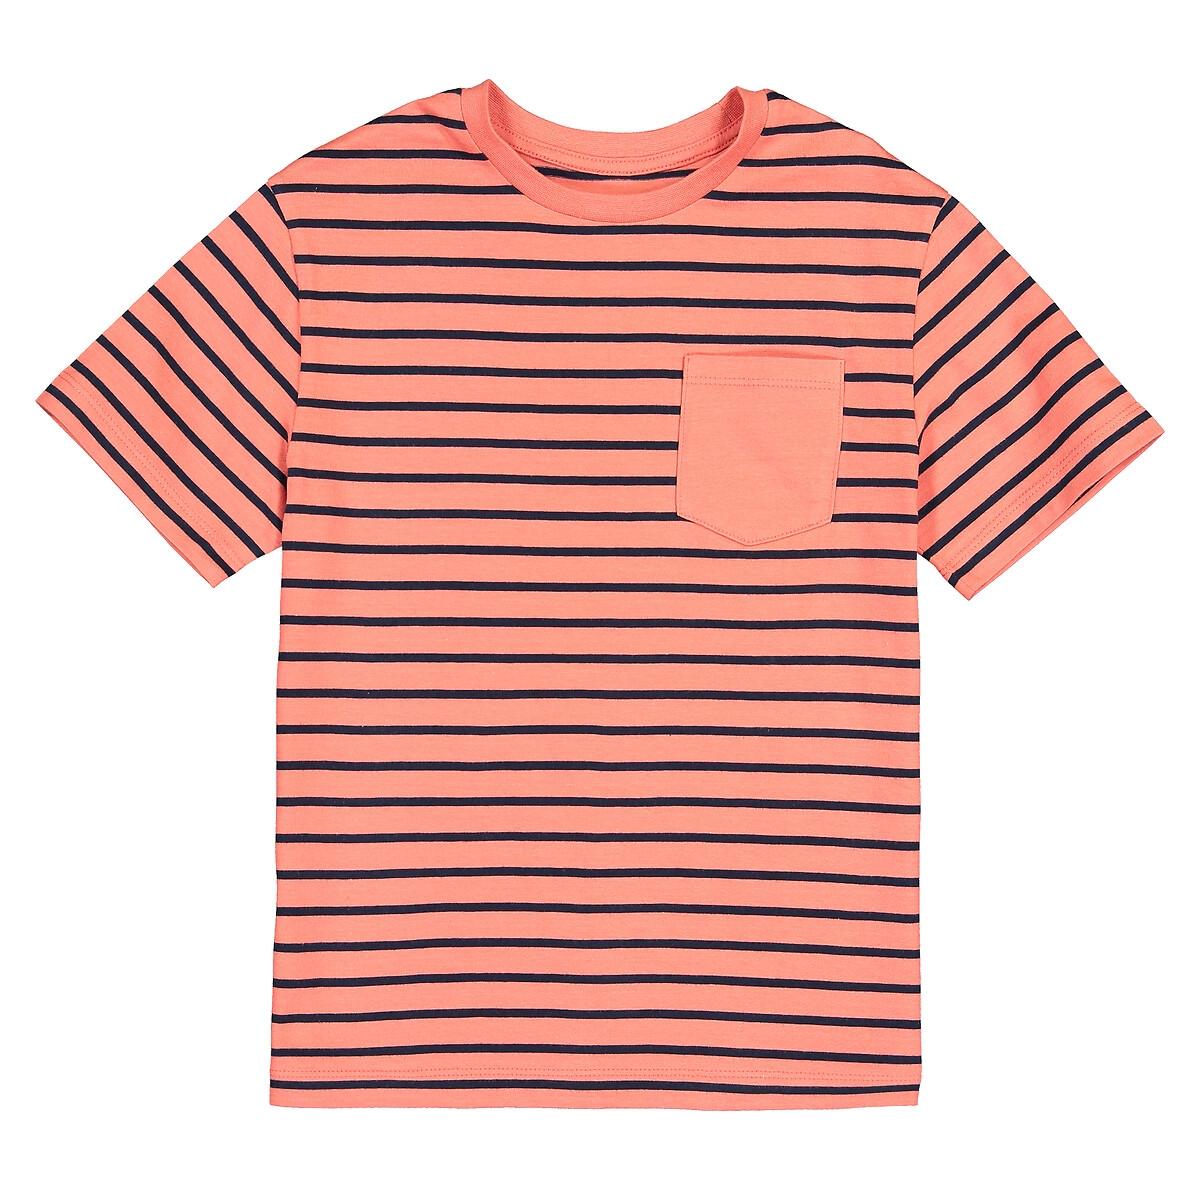 T-shirt às riscas com gola redonda, 3-12 anos